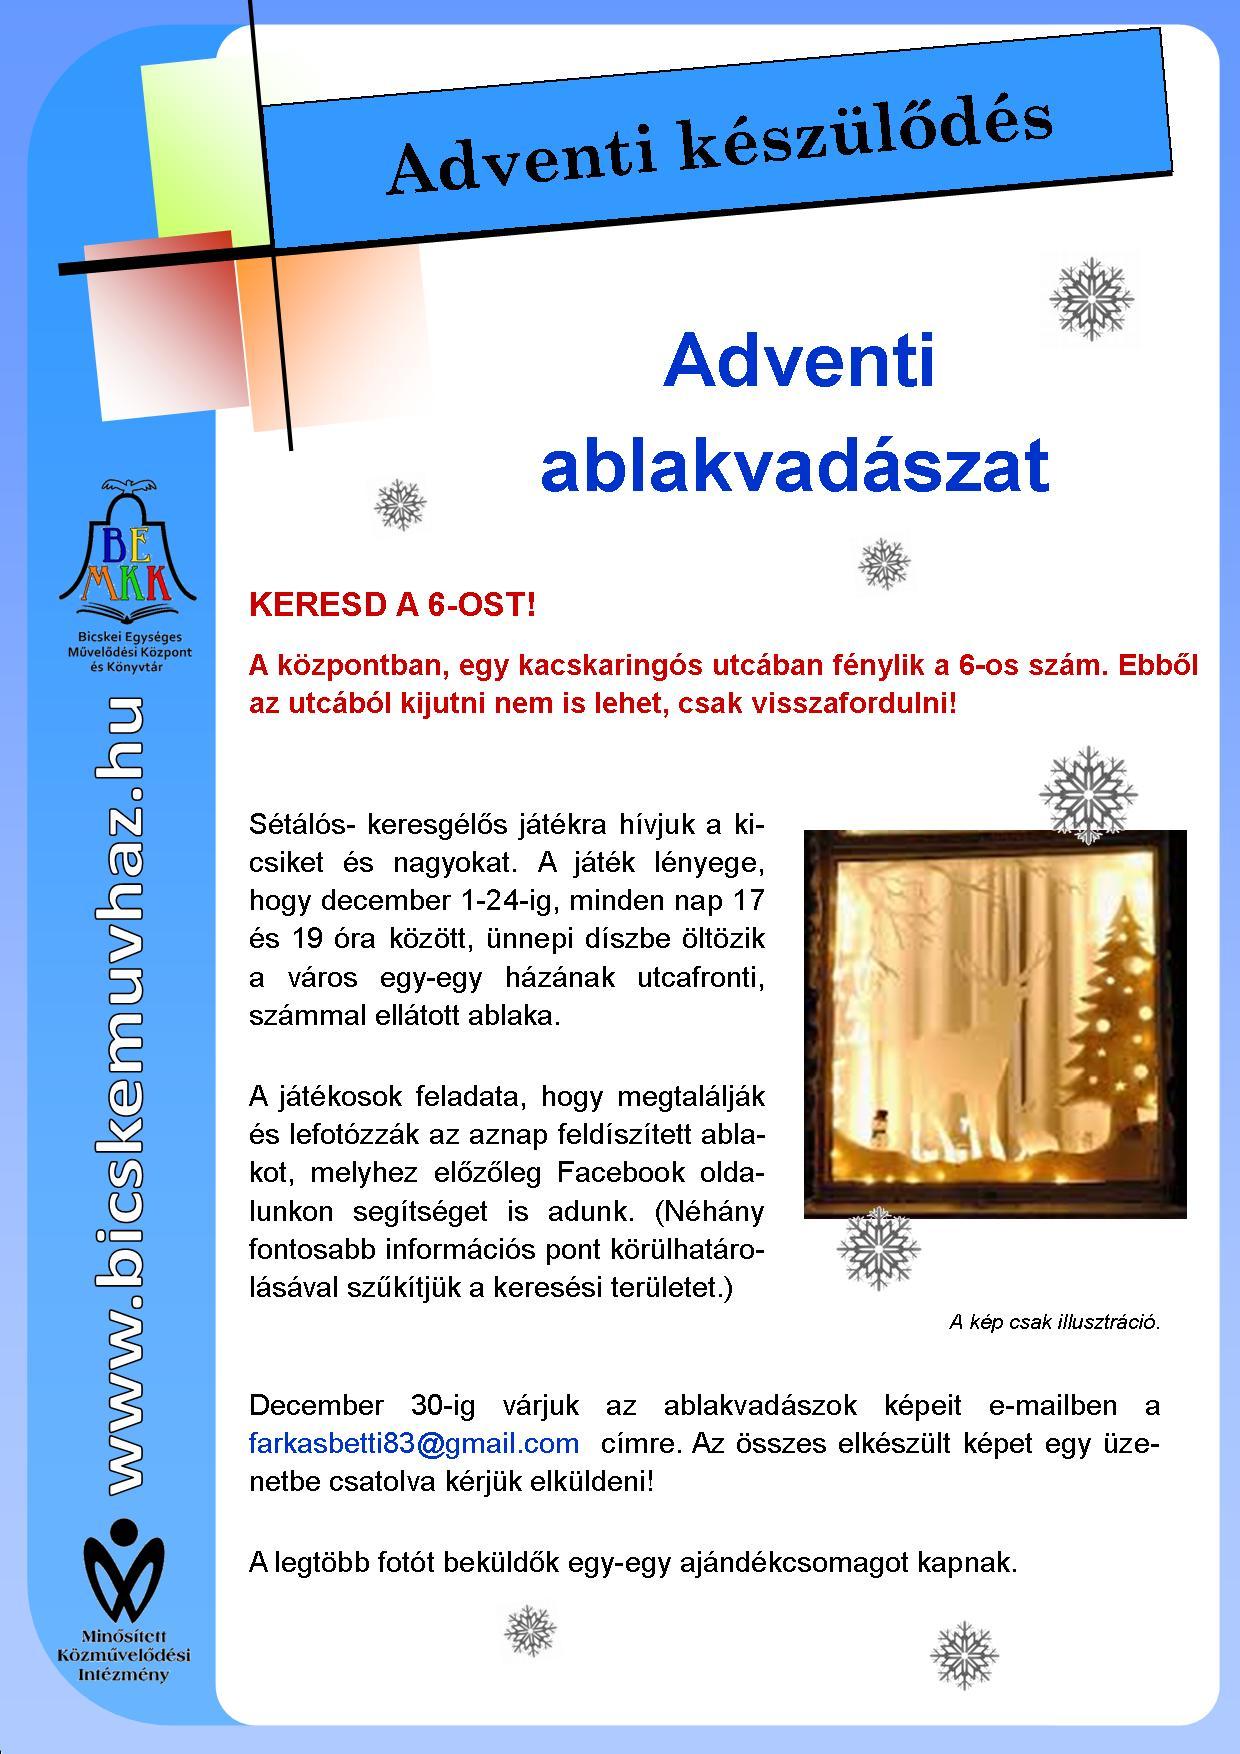 adventi_ablakvadaszat-keresd_a_6-ost.jpg